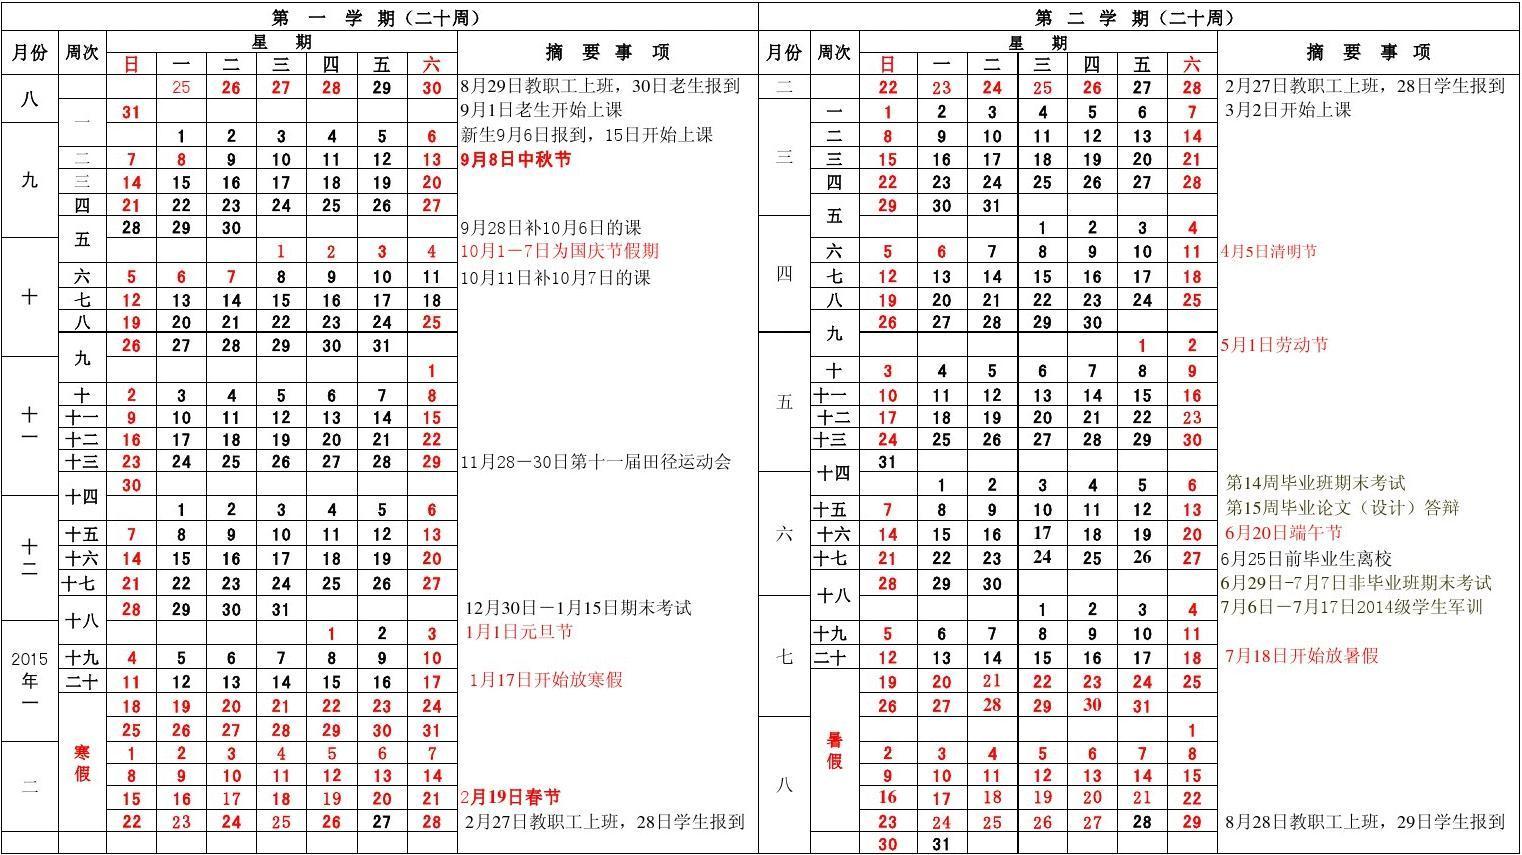 广州大学2014-2015学年度校历